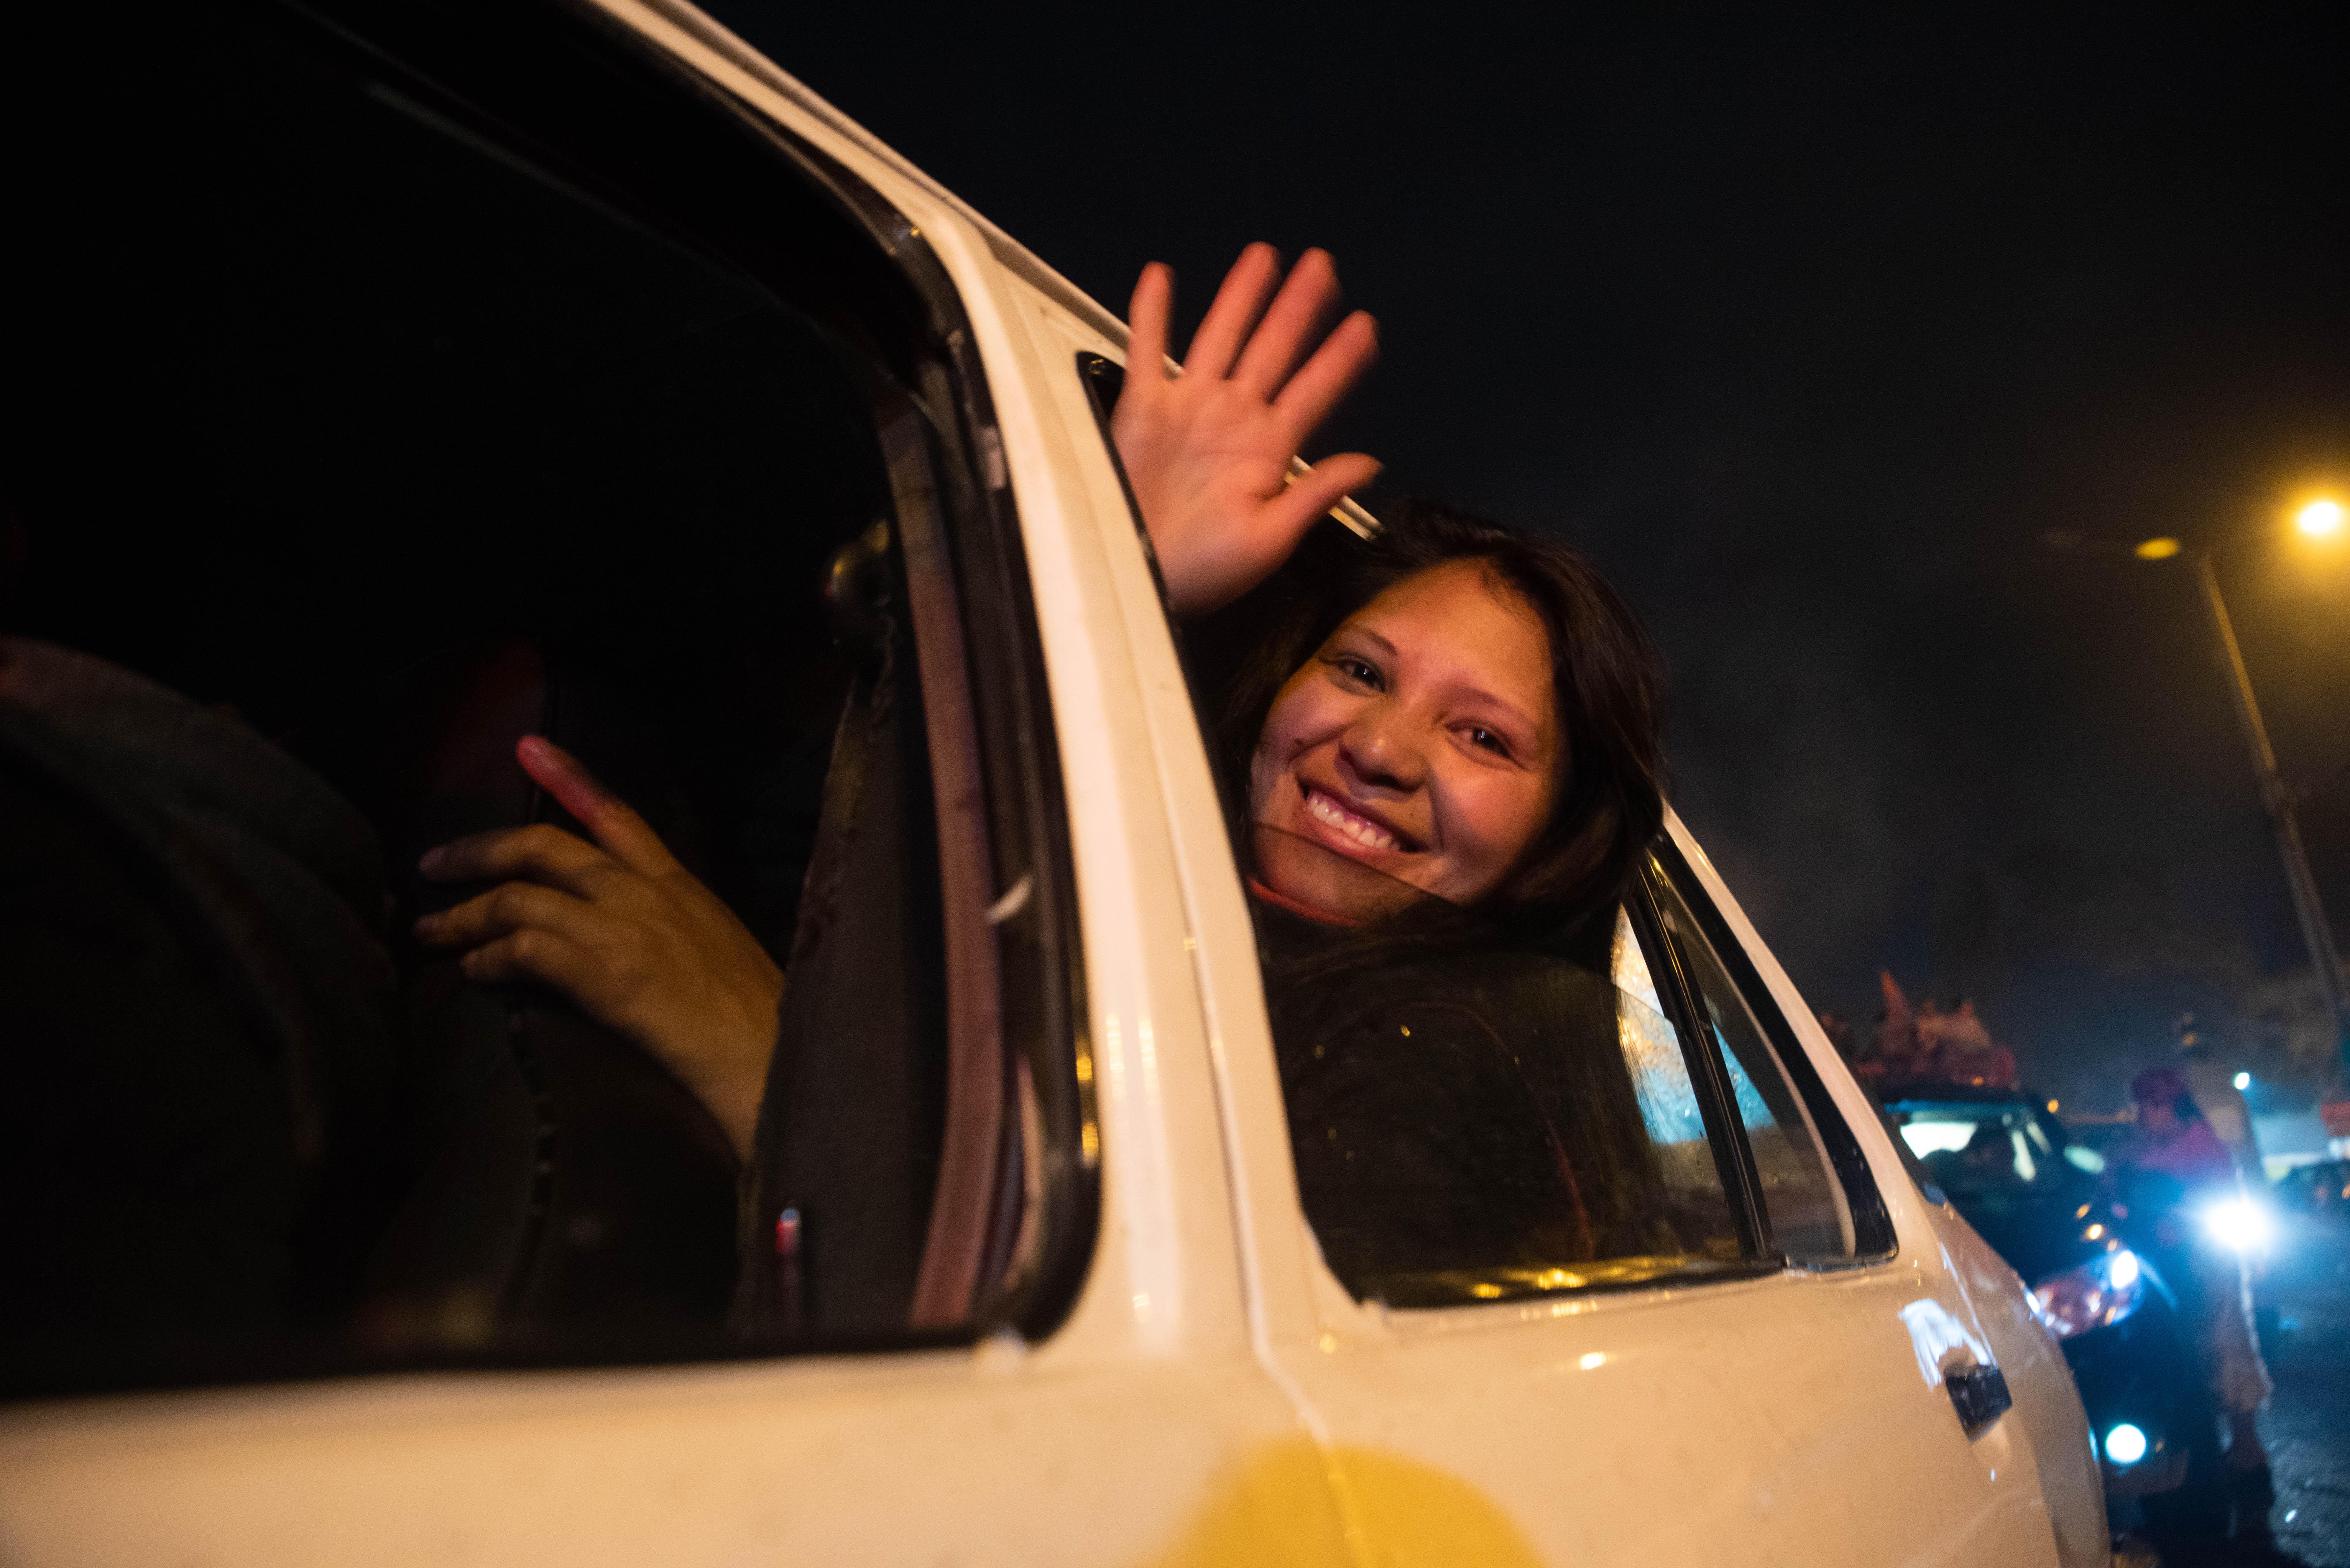 En el norte de Quito, caravanas de automóviles avanzaban en medio de un ensordecedor y constante sonar del claxon que rompió el tenso silencio de las últimas horas,